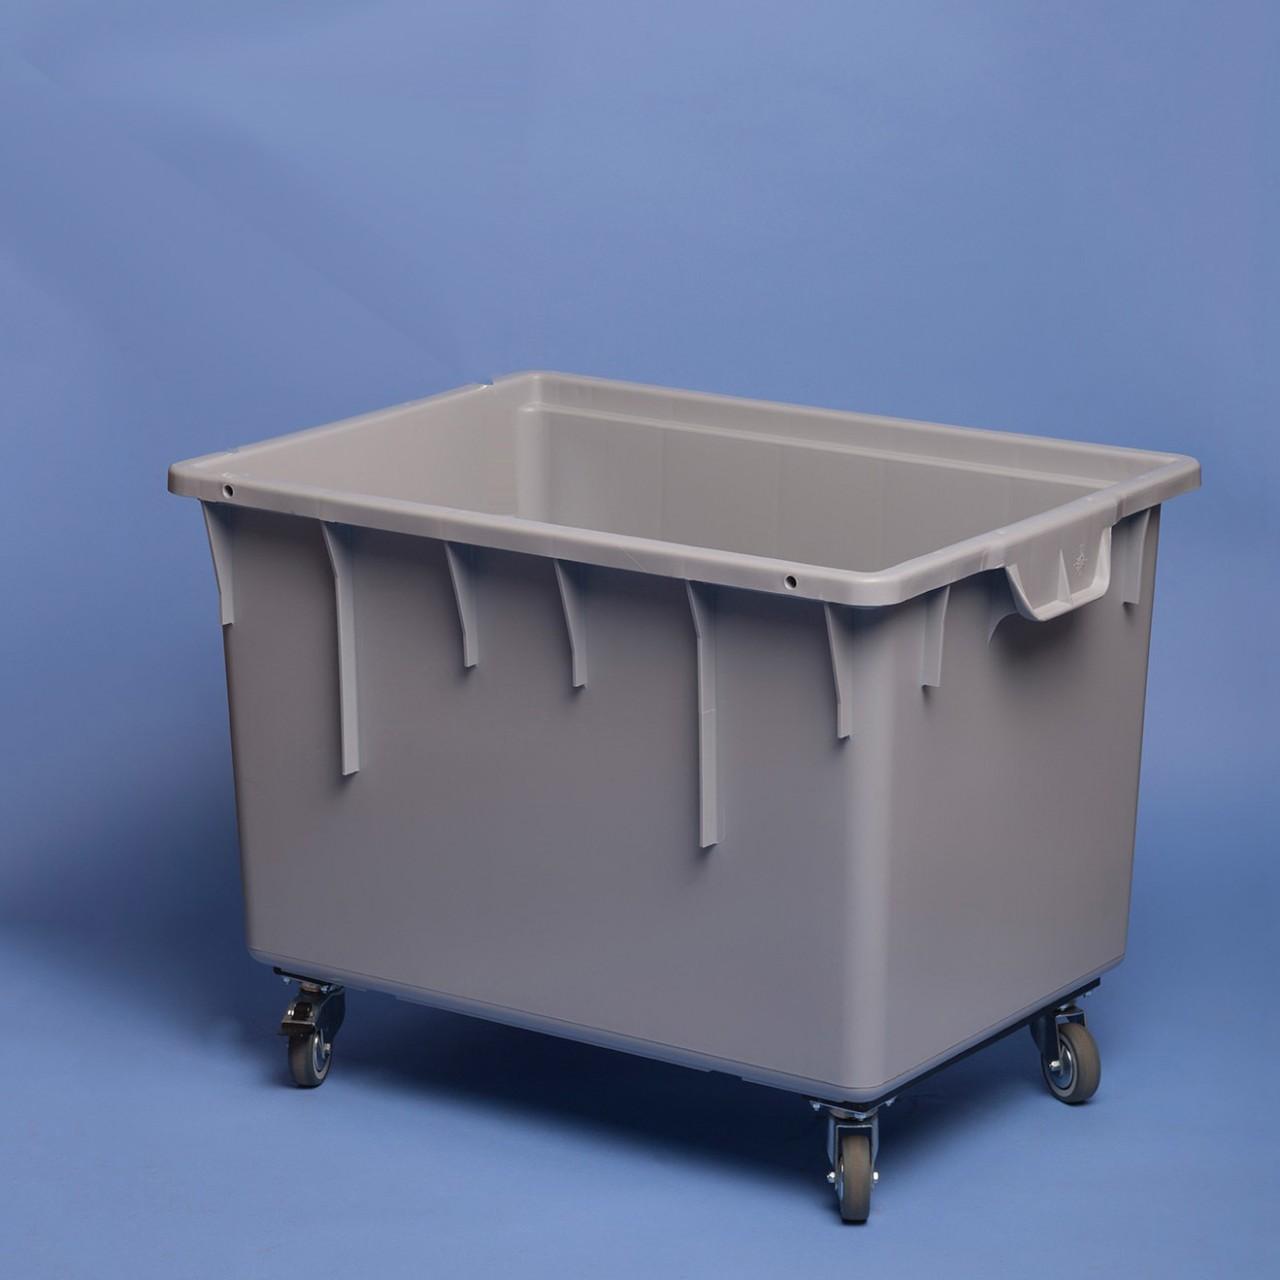 Standard-Behälter mit Rollen|800 x 600 x 610 mm